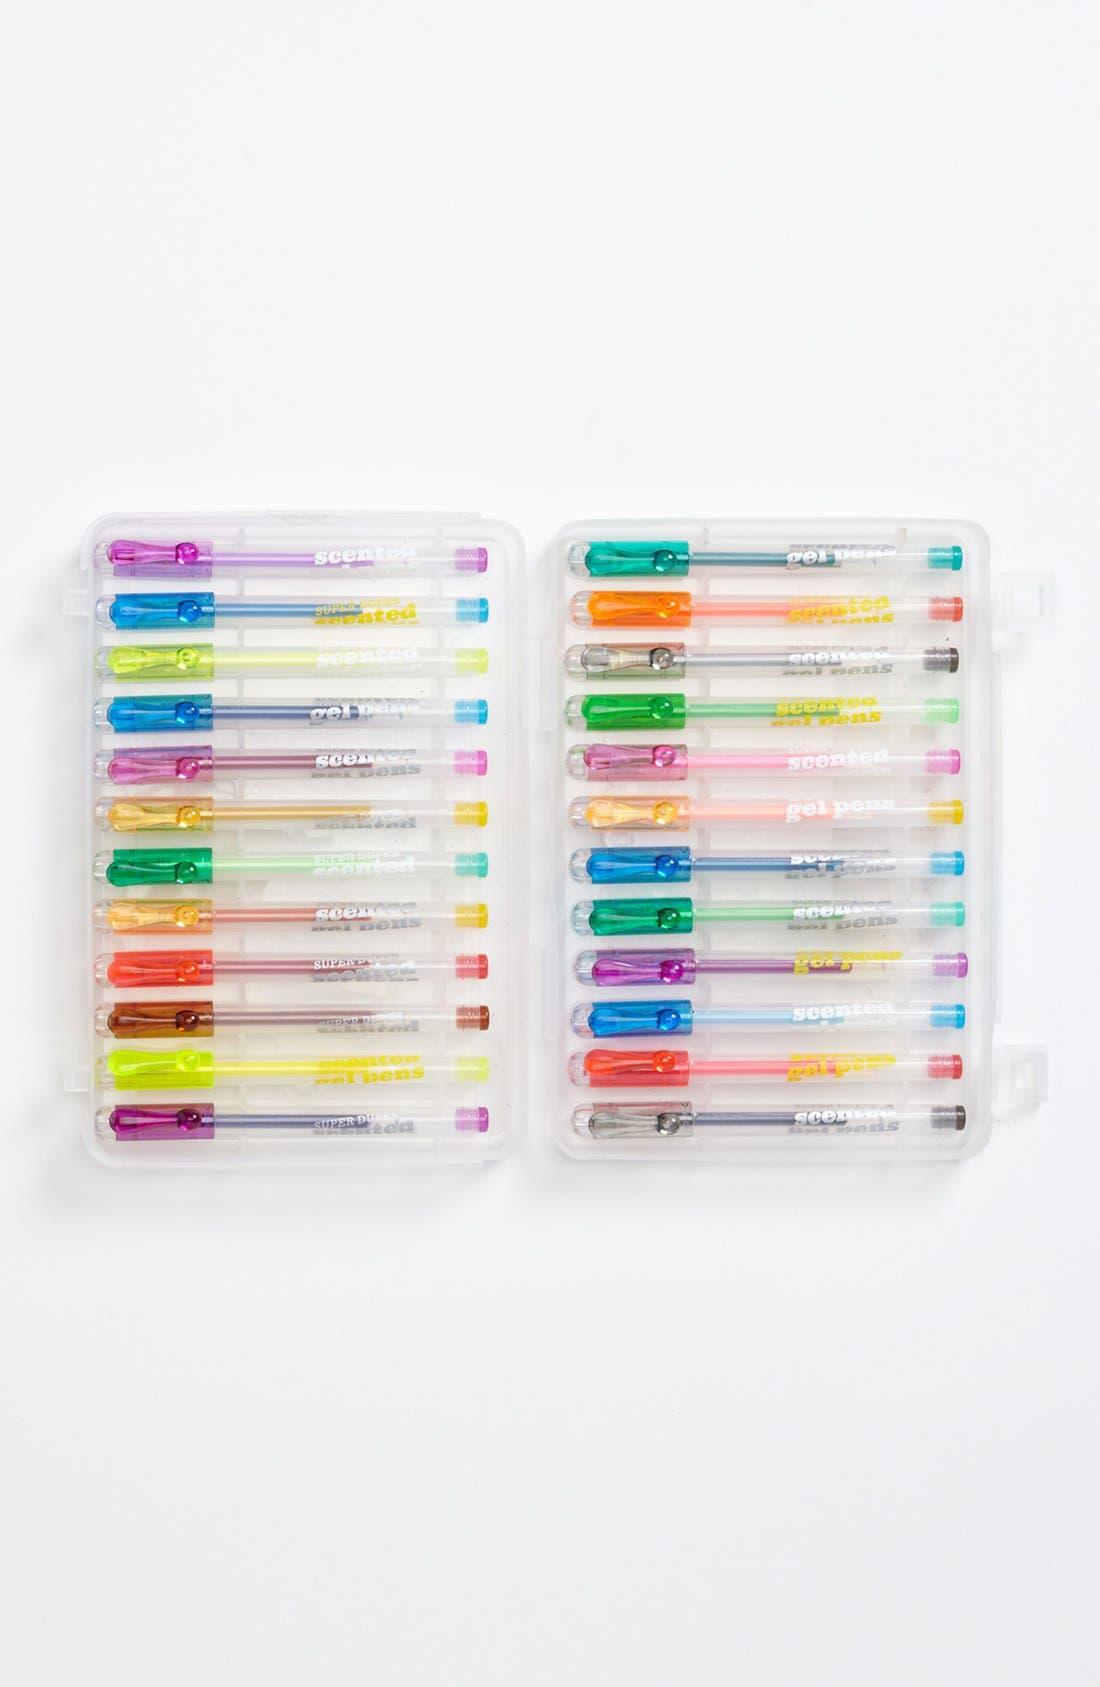 Alternate Image 1 Selected - International Arrivals 'Super Duper' Gel Pens (Set of 24) (Girls)